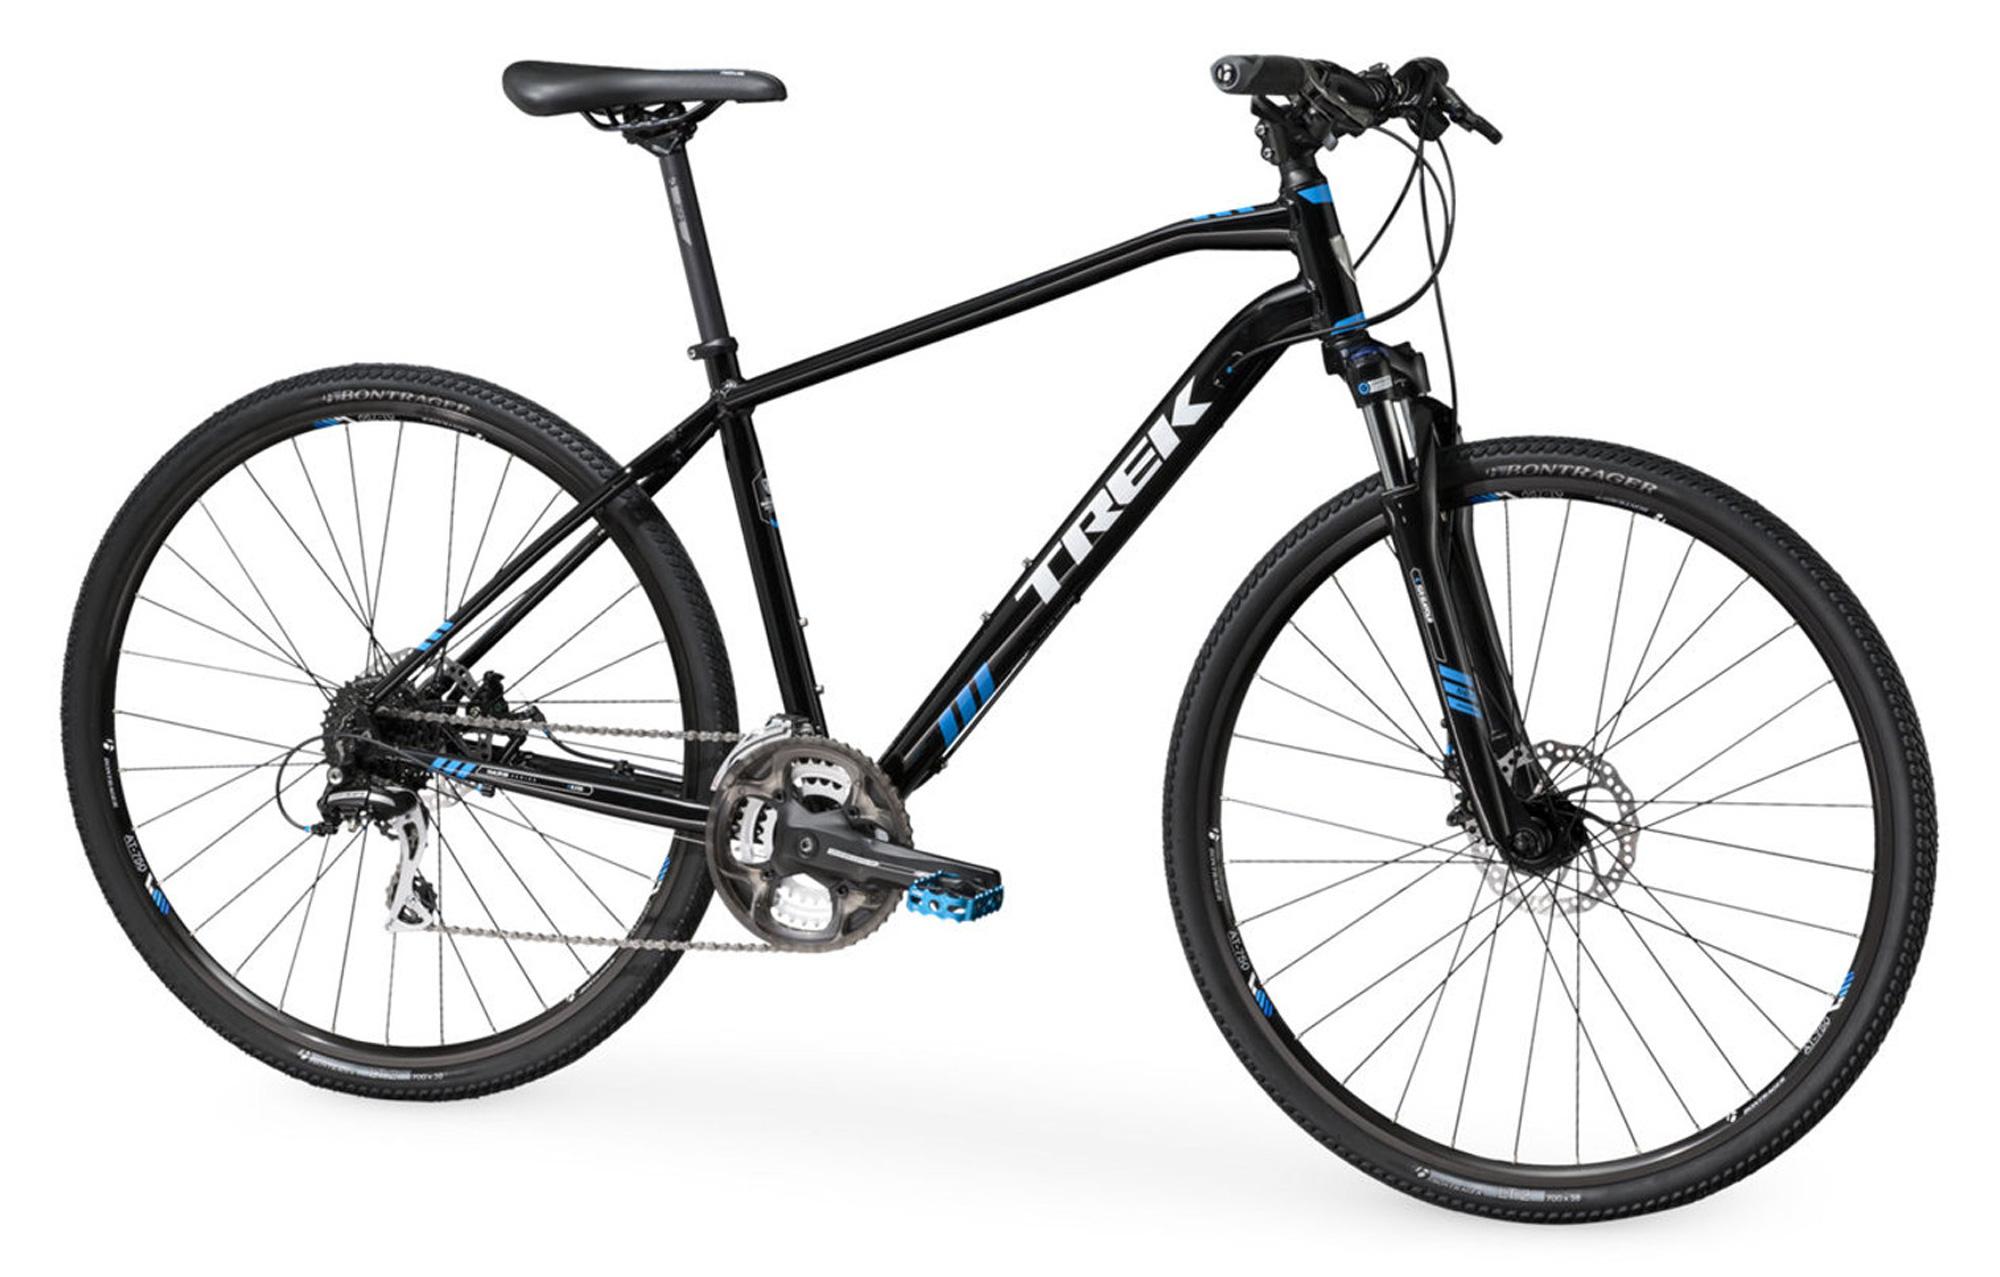 trek 8 3 ds hybrid bike black 2016. Black Bedroom Furniture Sets. Home Design Ideas